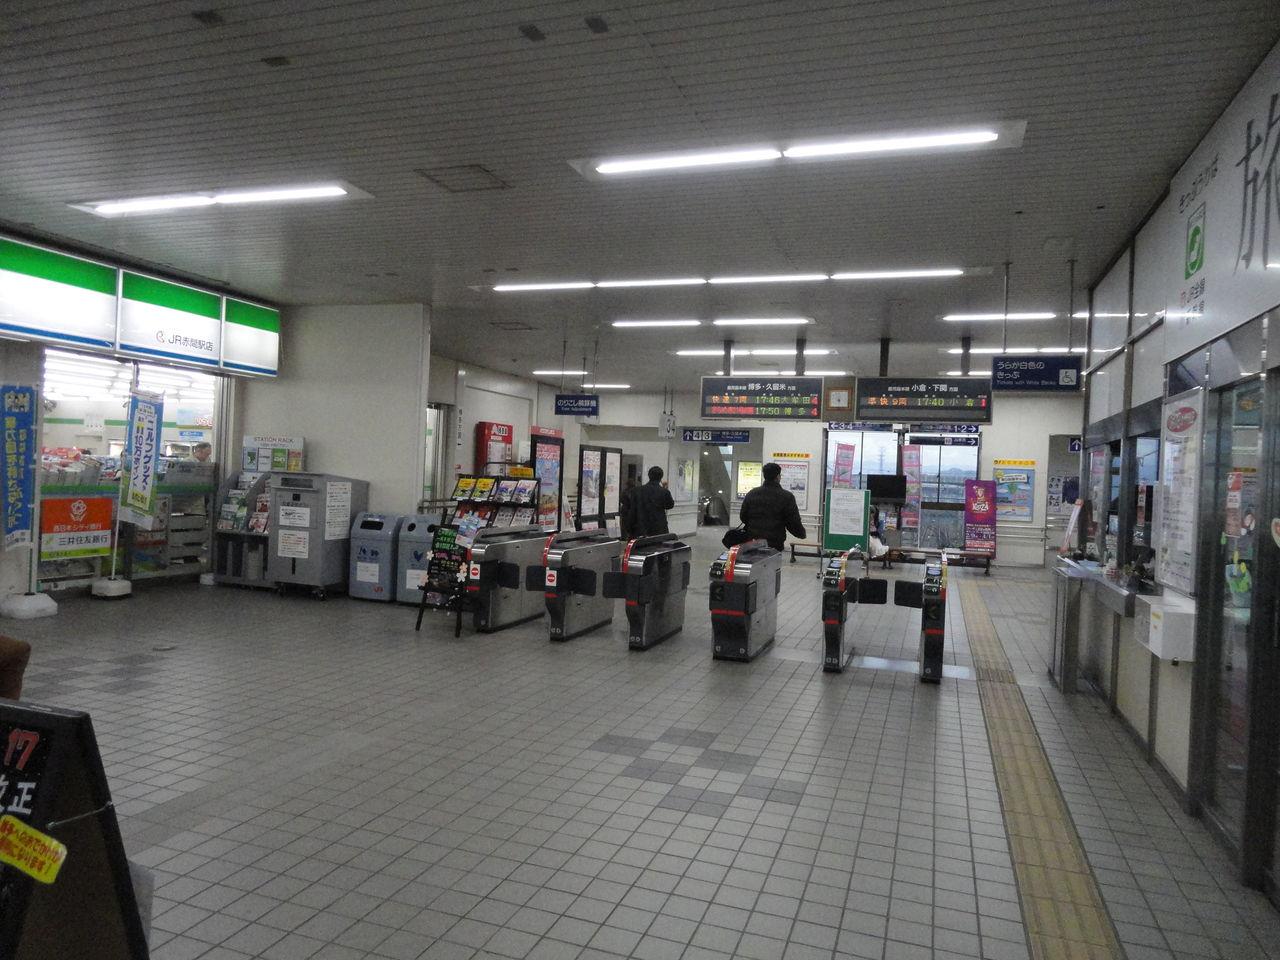 JR赤間駅@鹿児島線 : えきめぐりすとの各駅探訪。